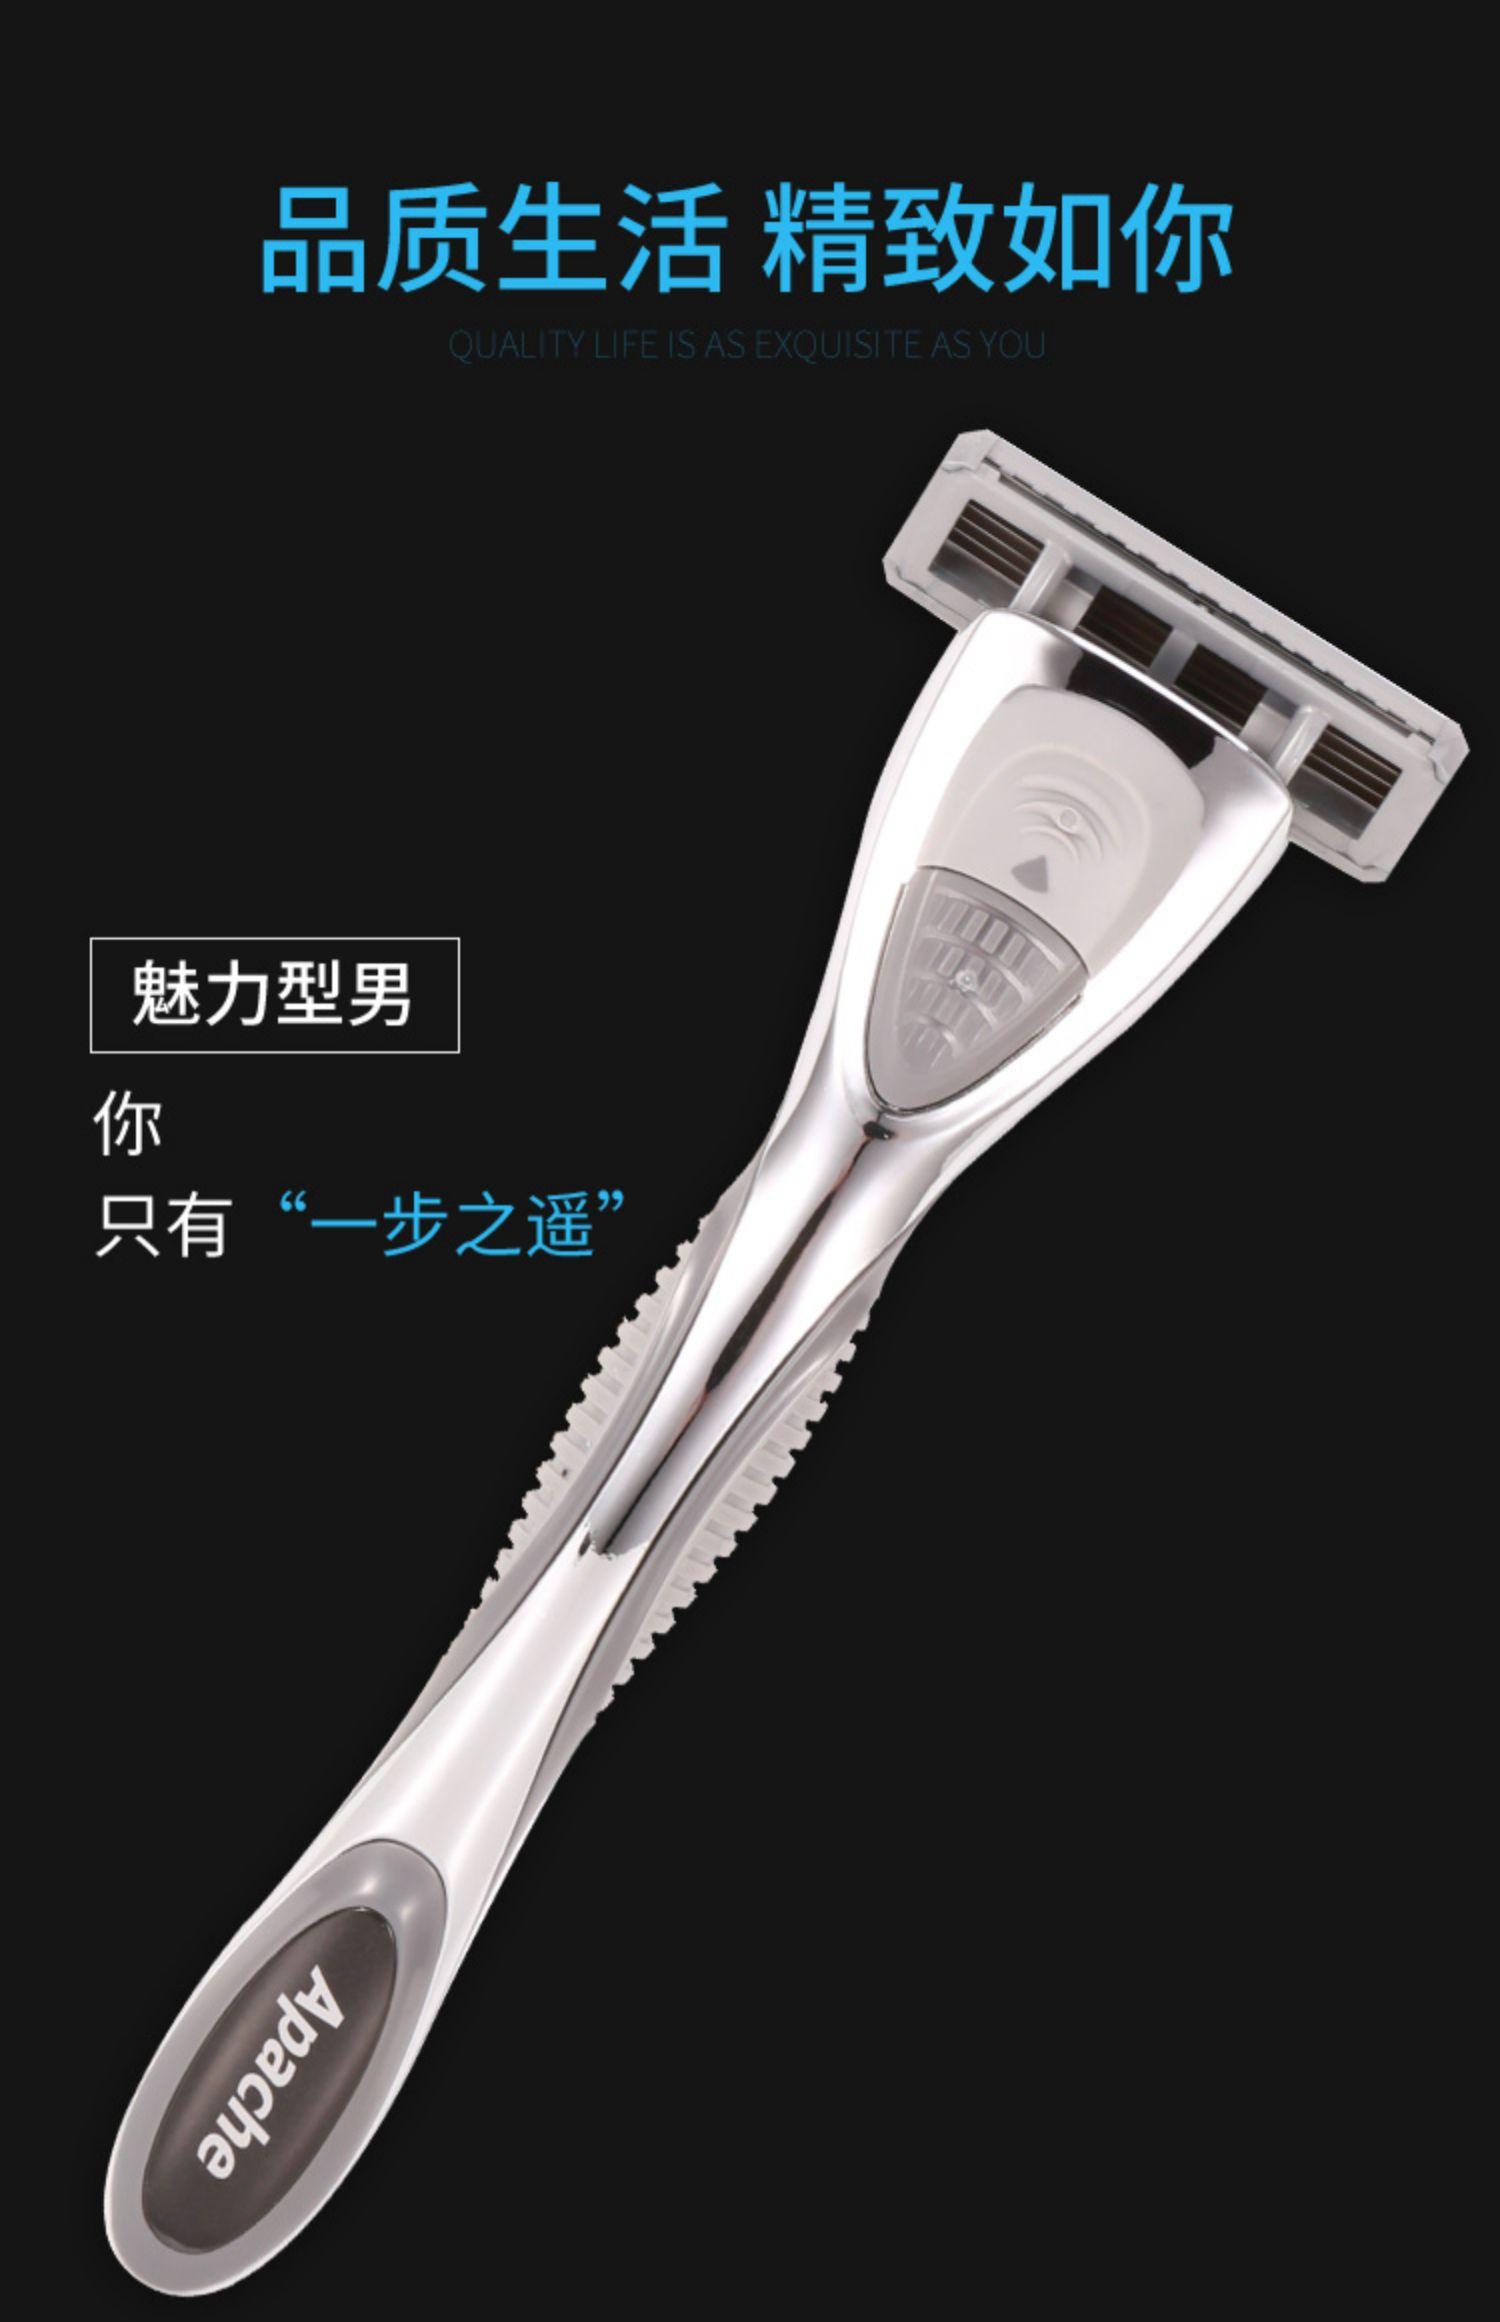 阿帕齐剃须刀手动阿帕奇五层老式刮胡刀架男士刀片式刮脸刀头套装商品详情图